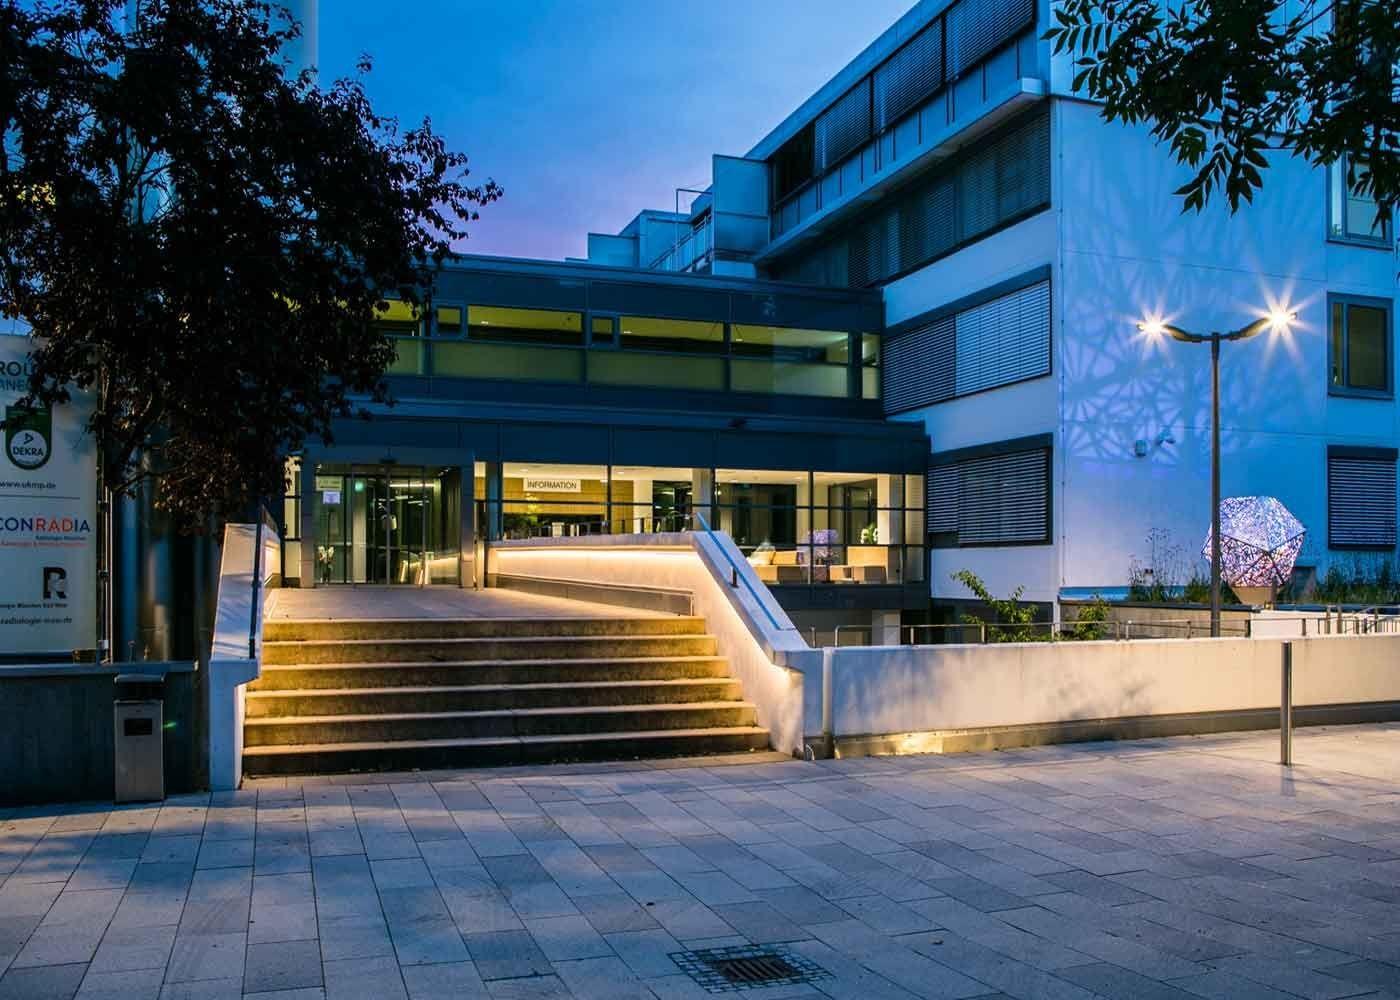 Munich-Planegg Urology Centre